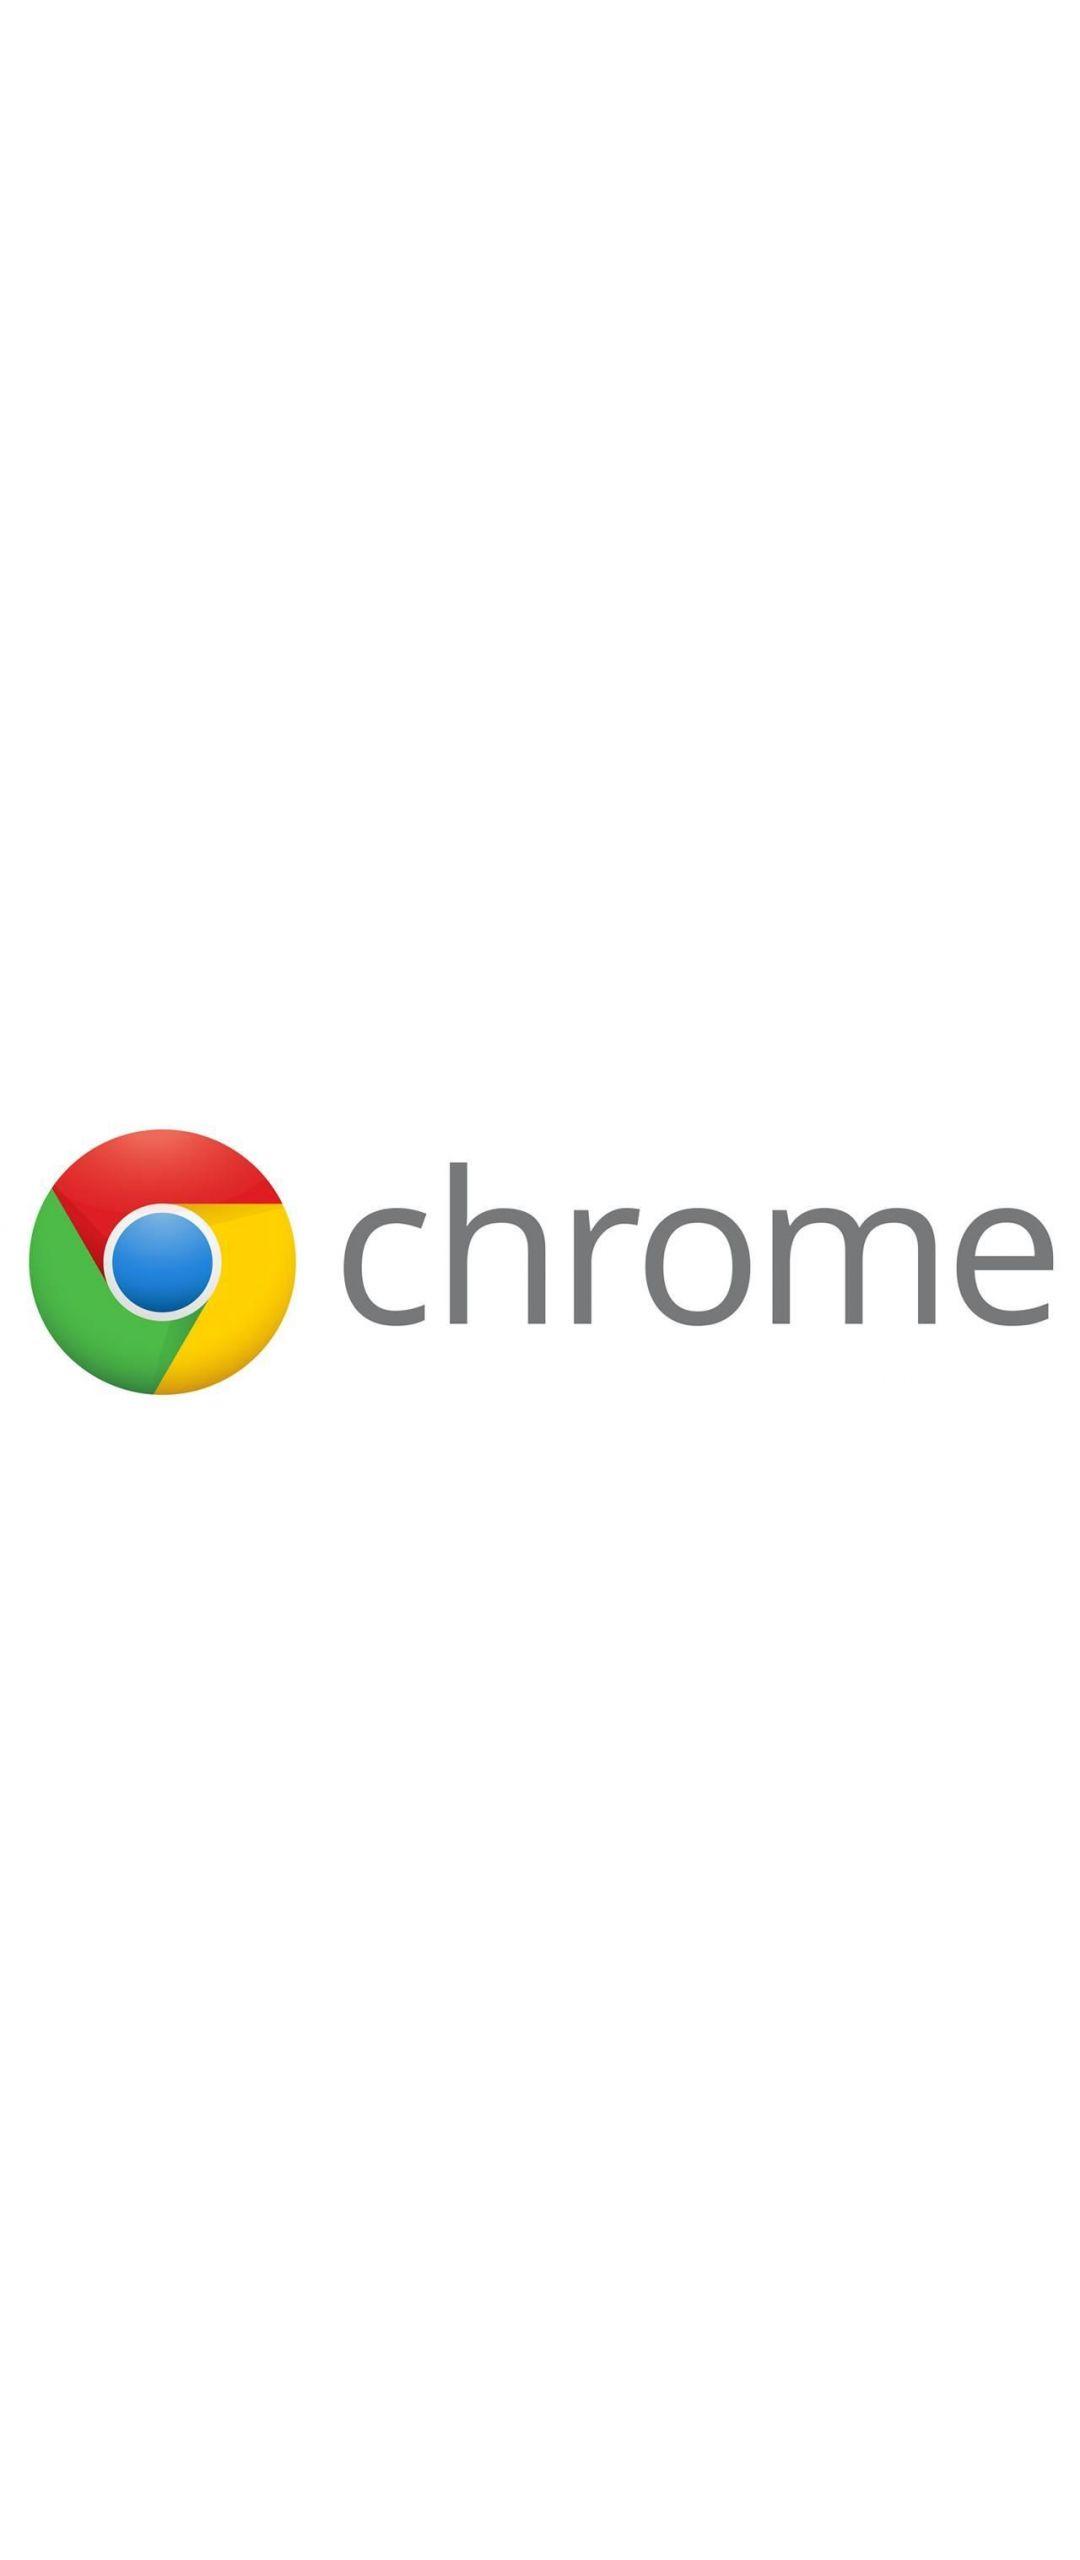 Chrome 64 impedirá reproducción de contenido multimedia con sonido